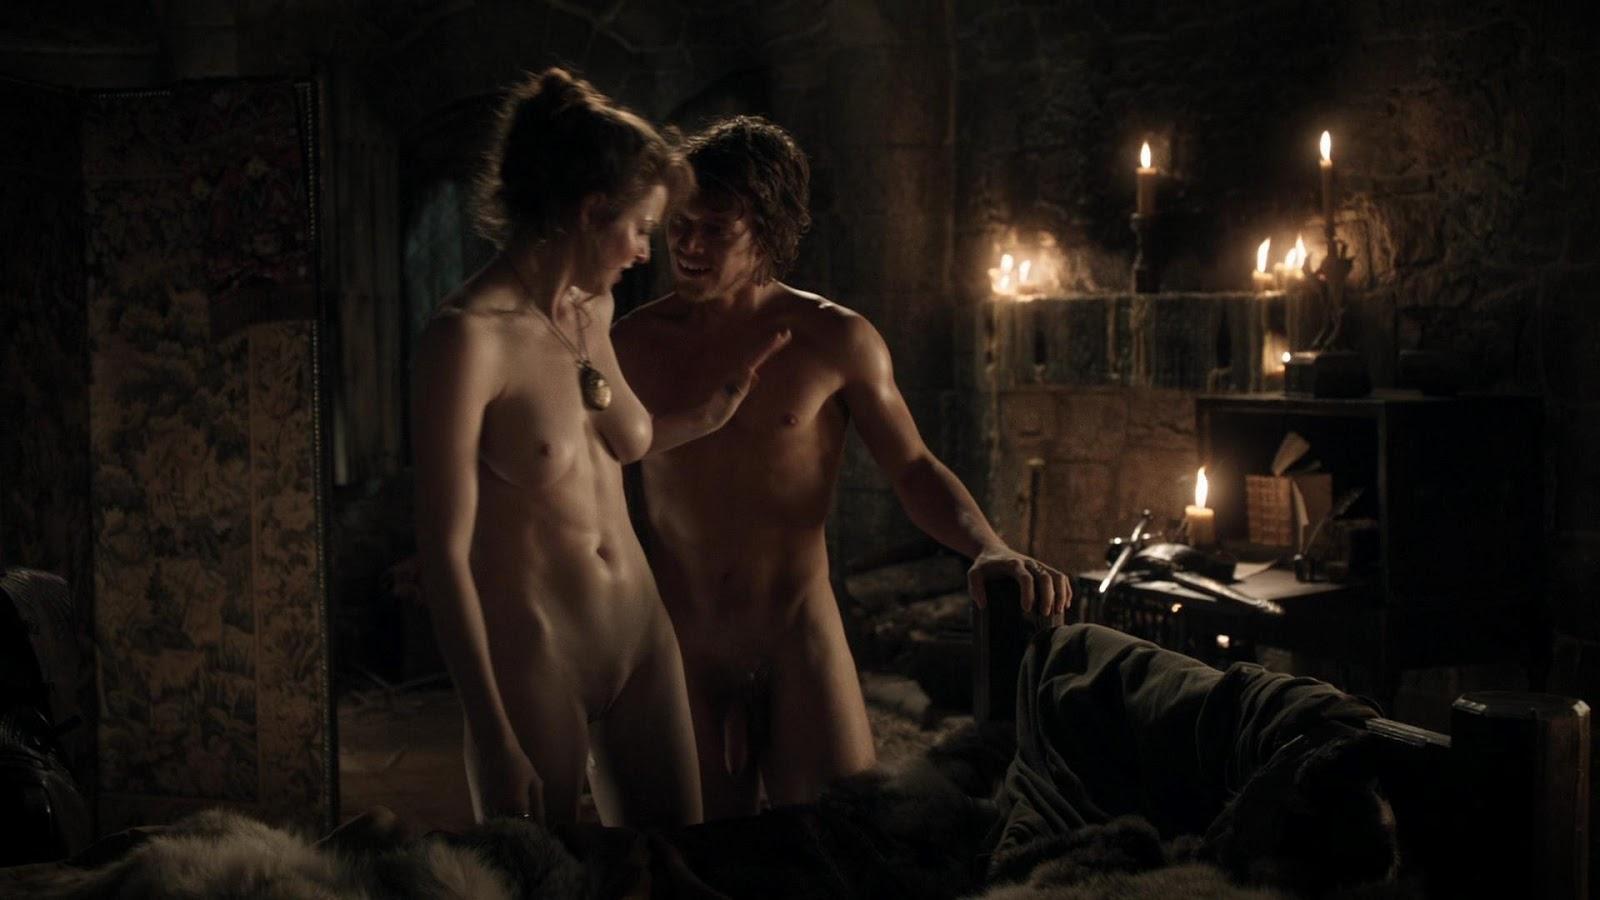 Смотреть порно онлайн hd на айпад с сюжетом 26 фотография